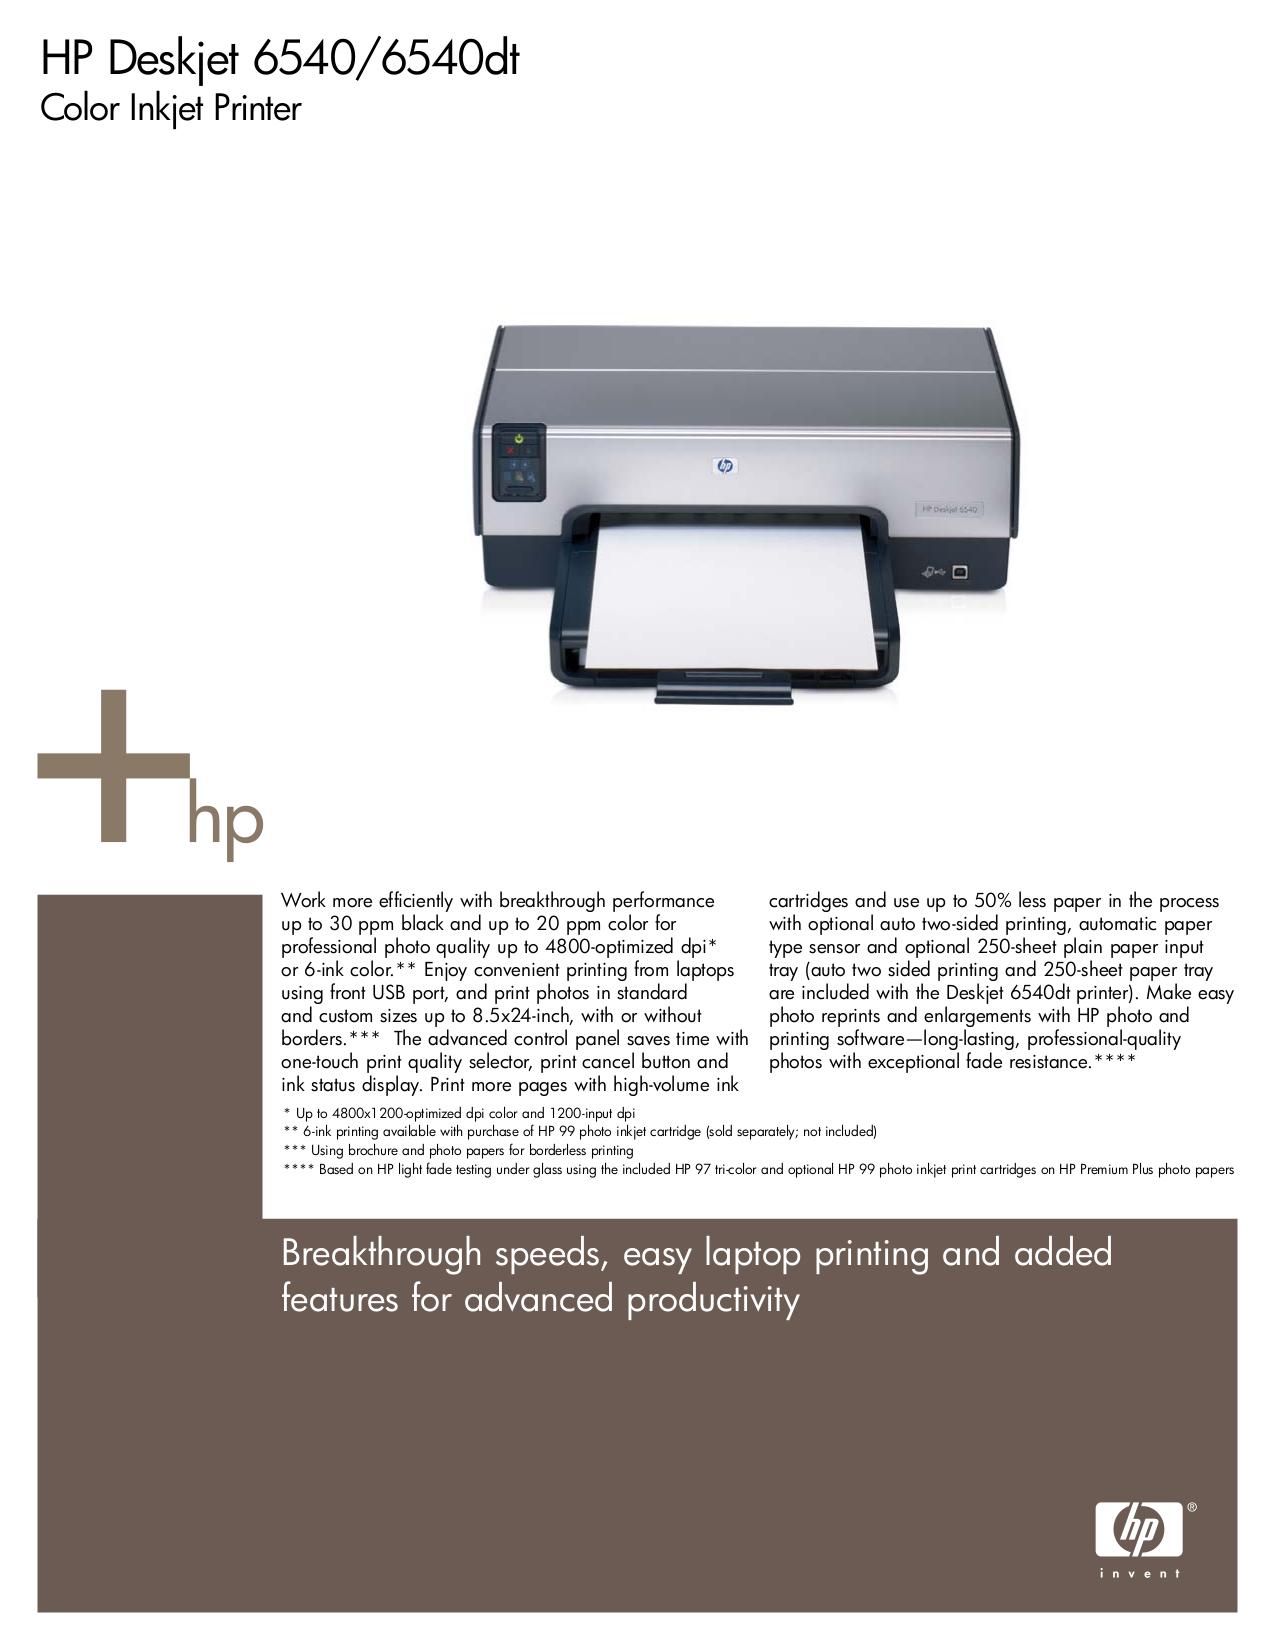 HP printer ink and toner cartridges - Inkquik